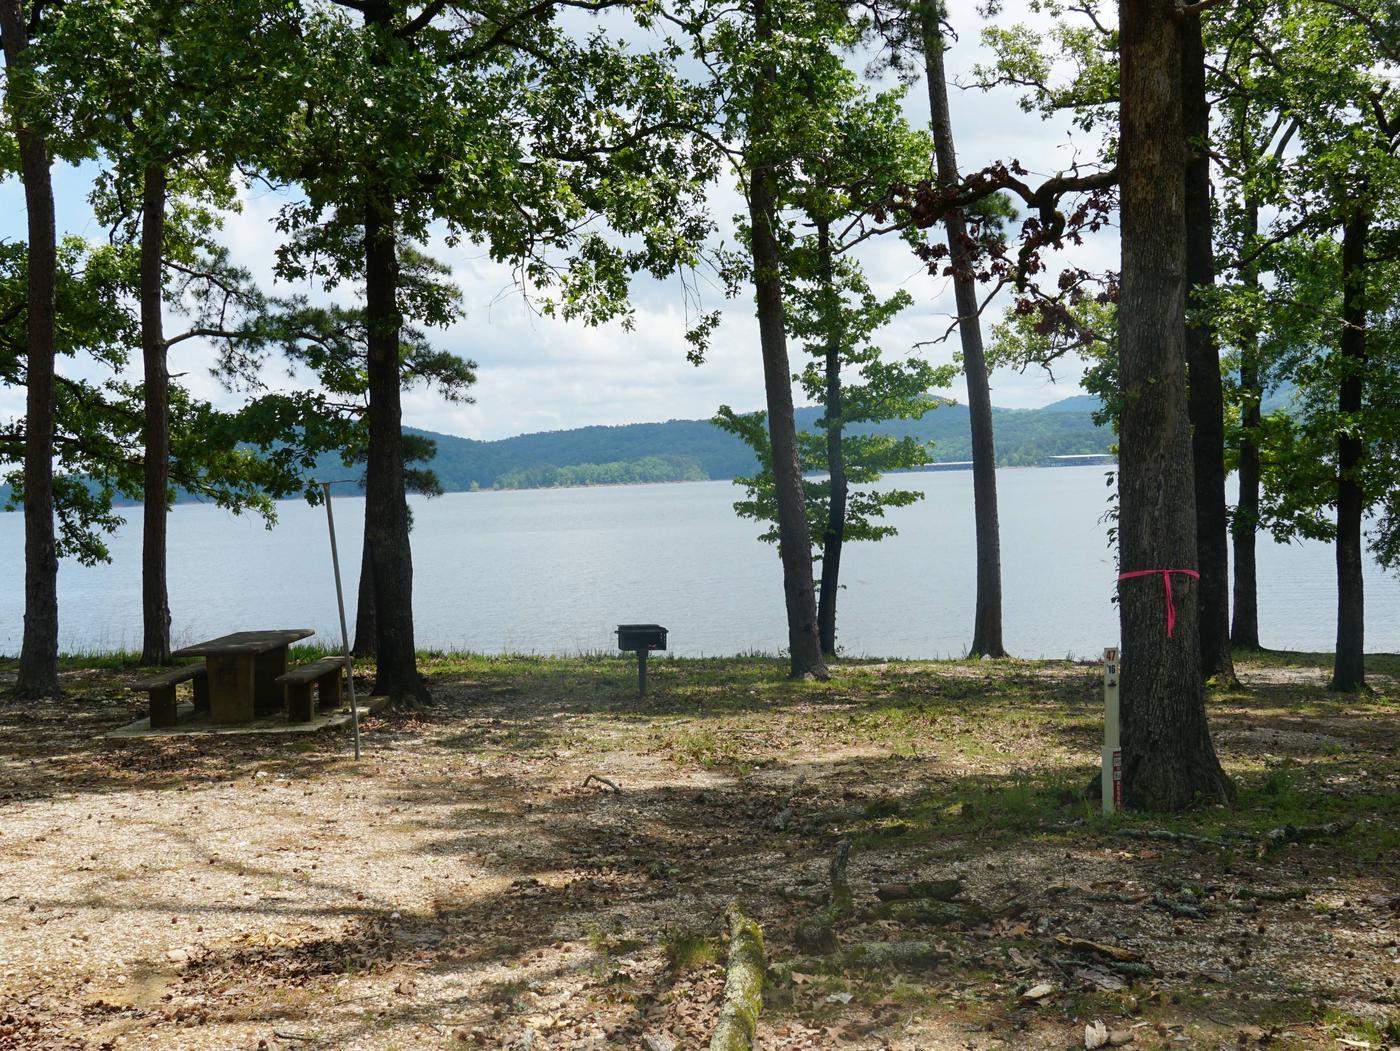 Campsite # 47